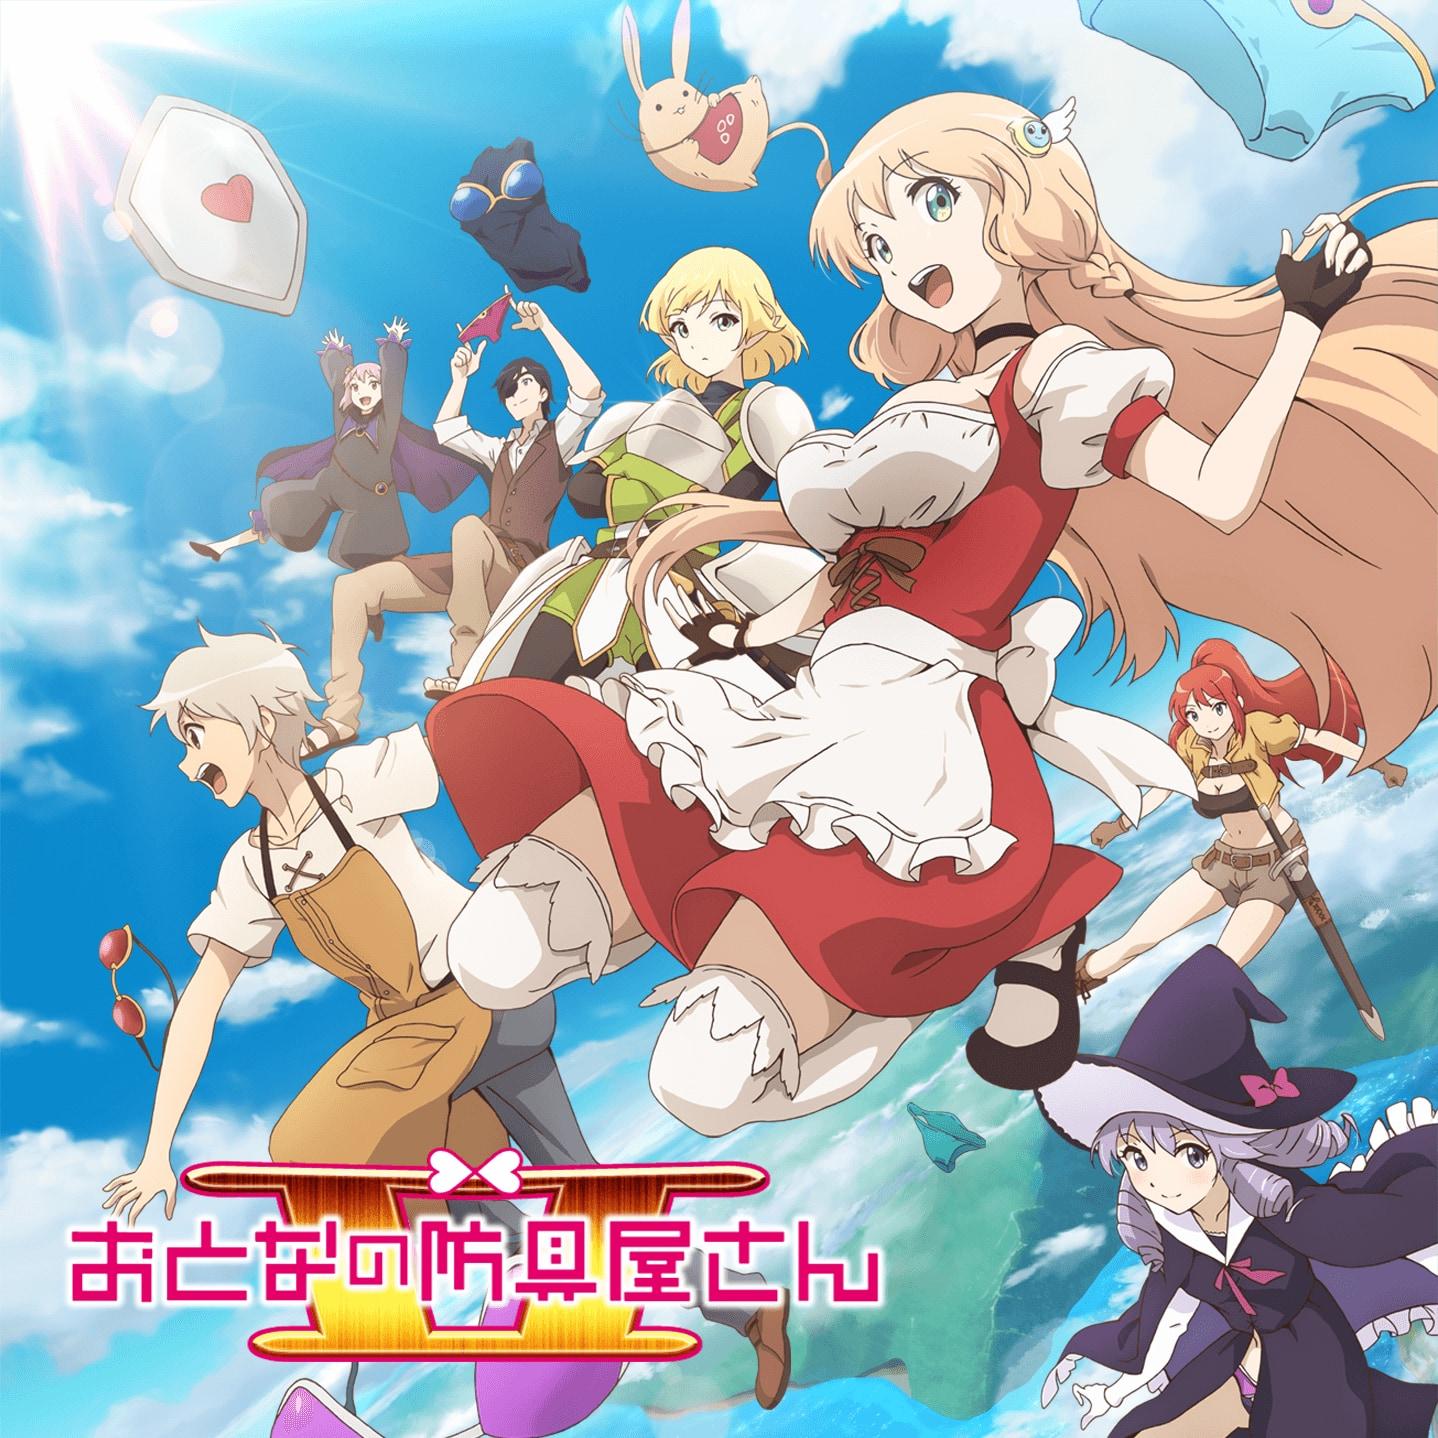 TVアニメ「おとなの防具屋さん」第2期キービジュアル